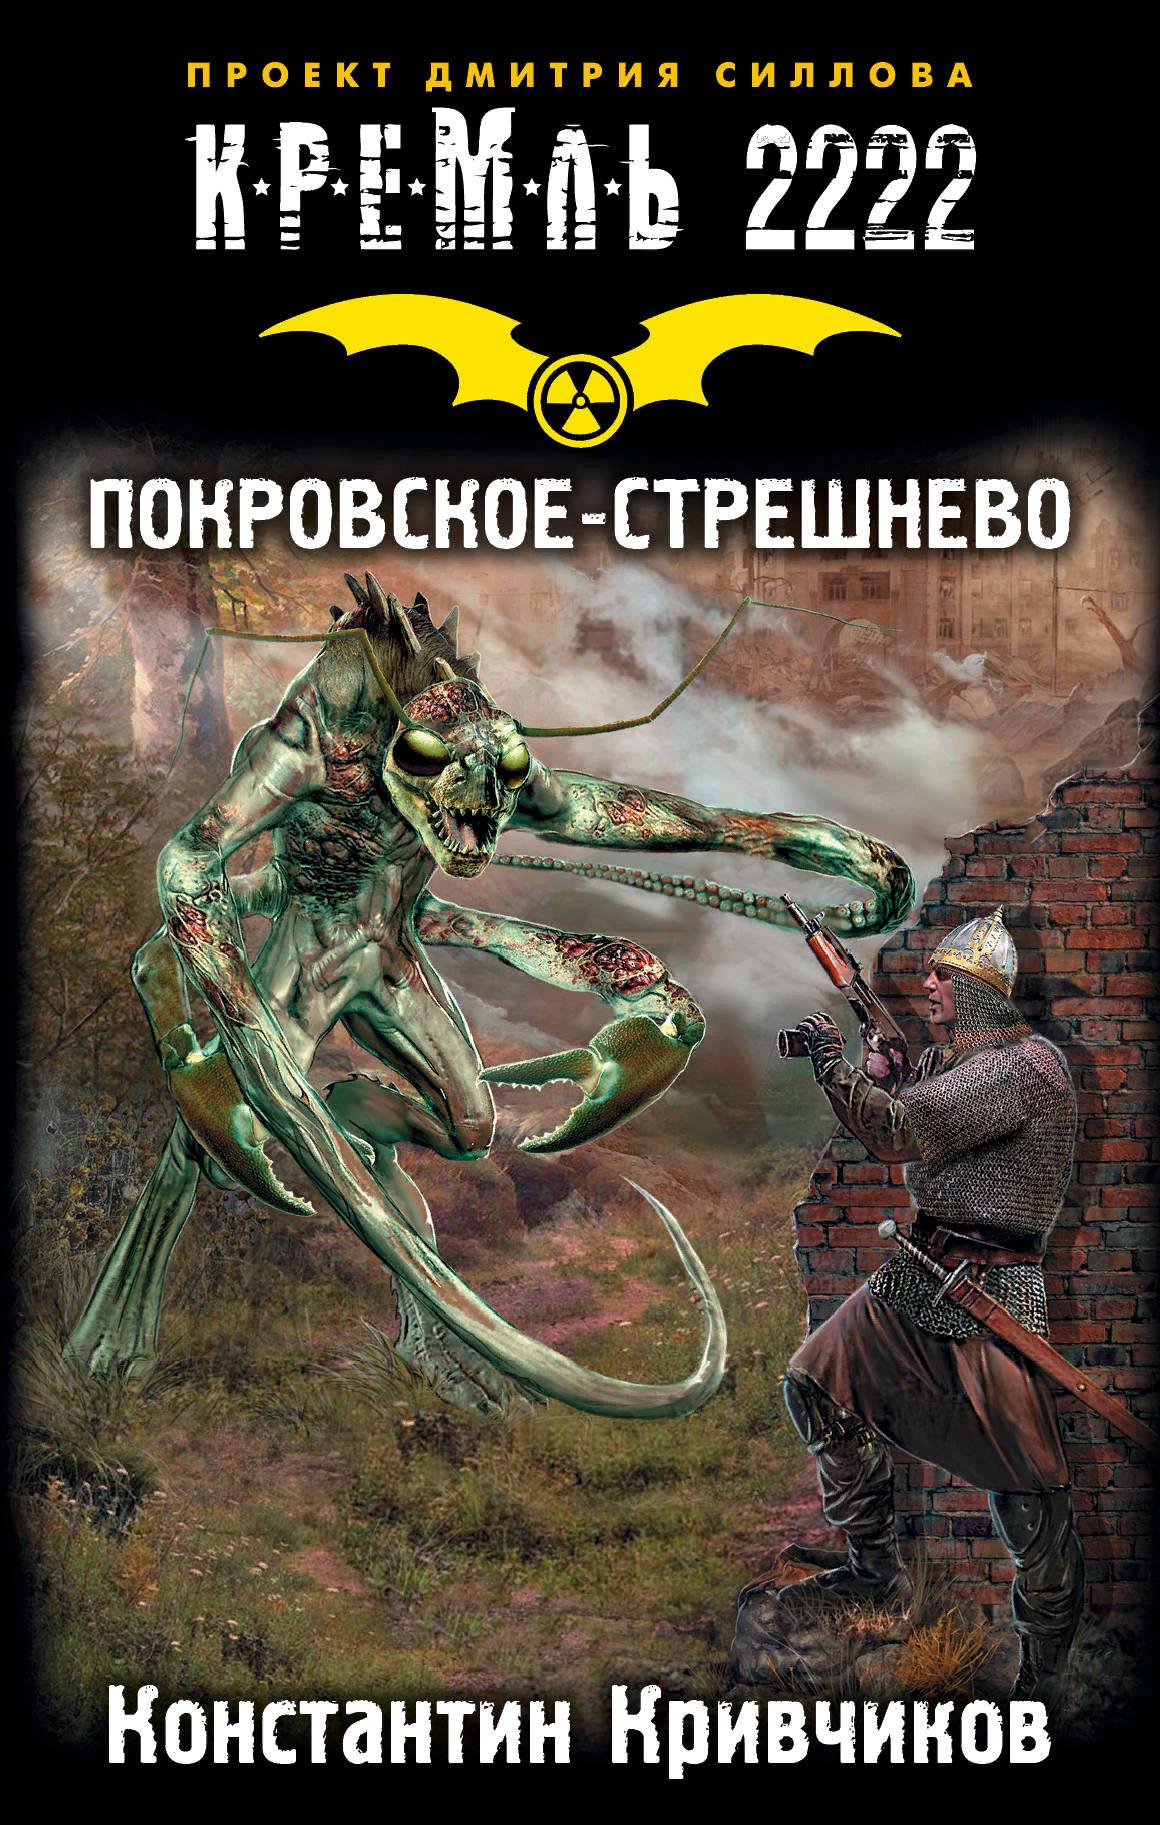 Константин Кривчиков «Кремль 2222. Покровское-Стрешнево»